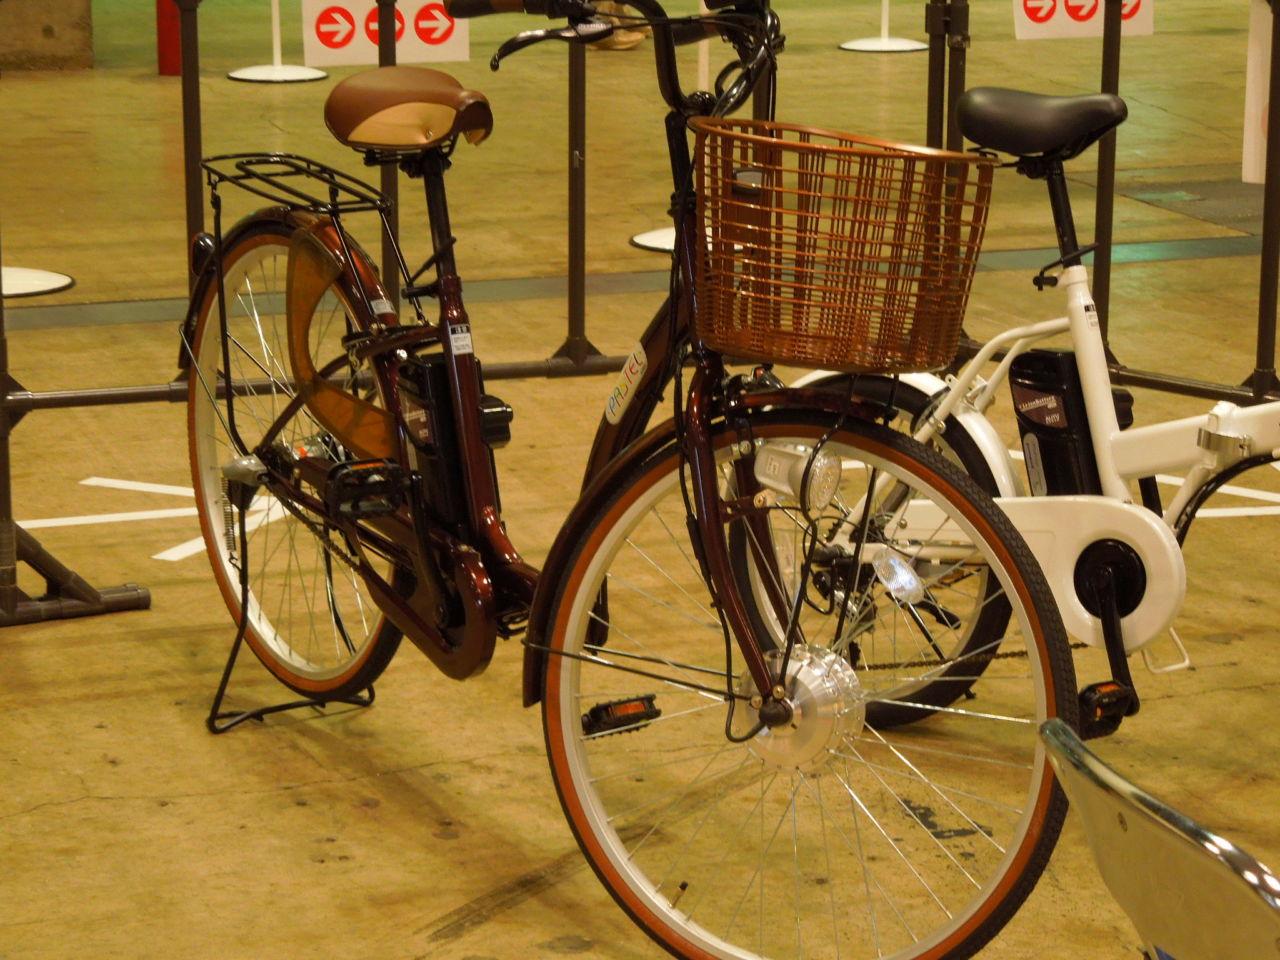 安価な電動アシスト自転車は有名ブランドの物と比べて大きな格差がある理由